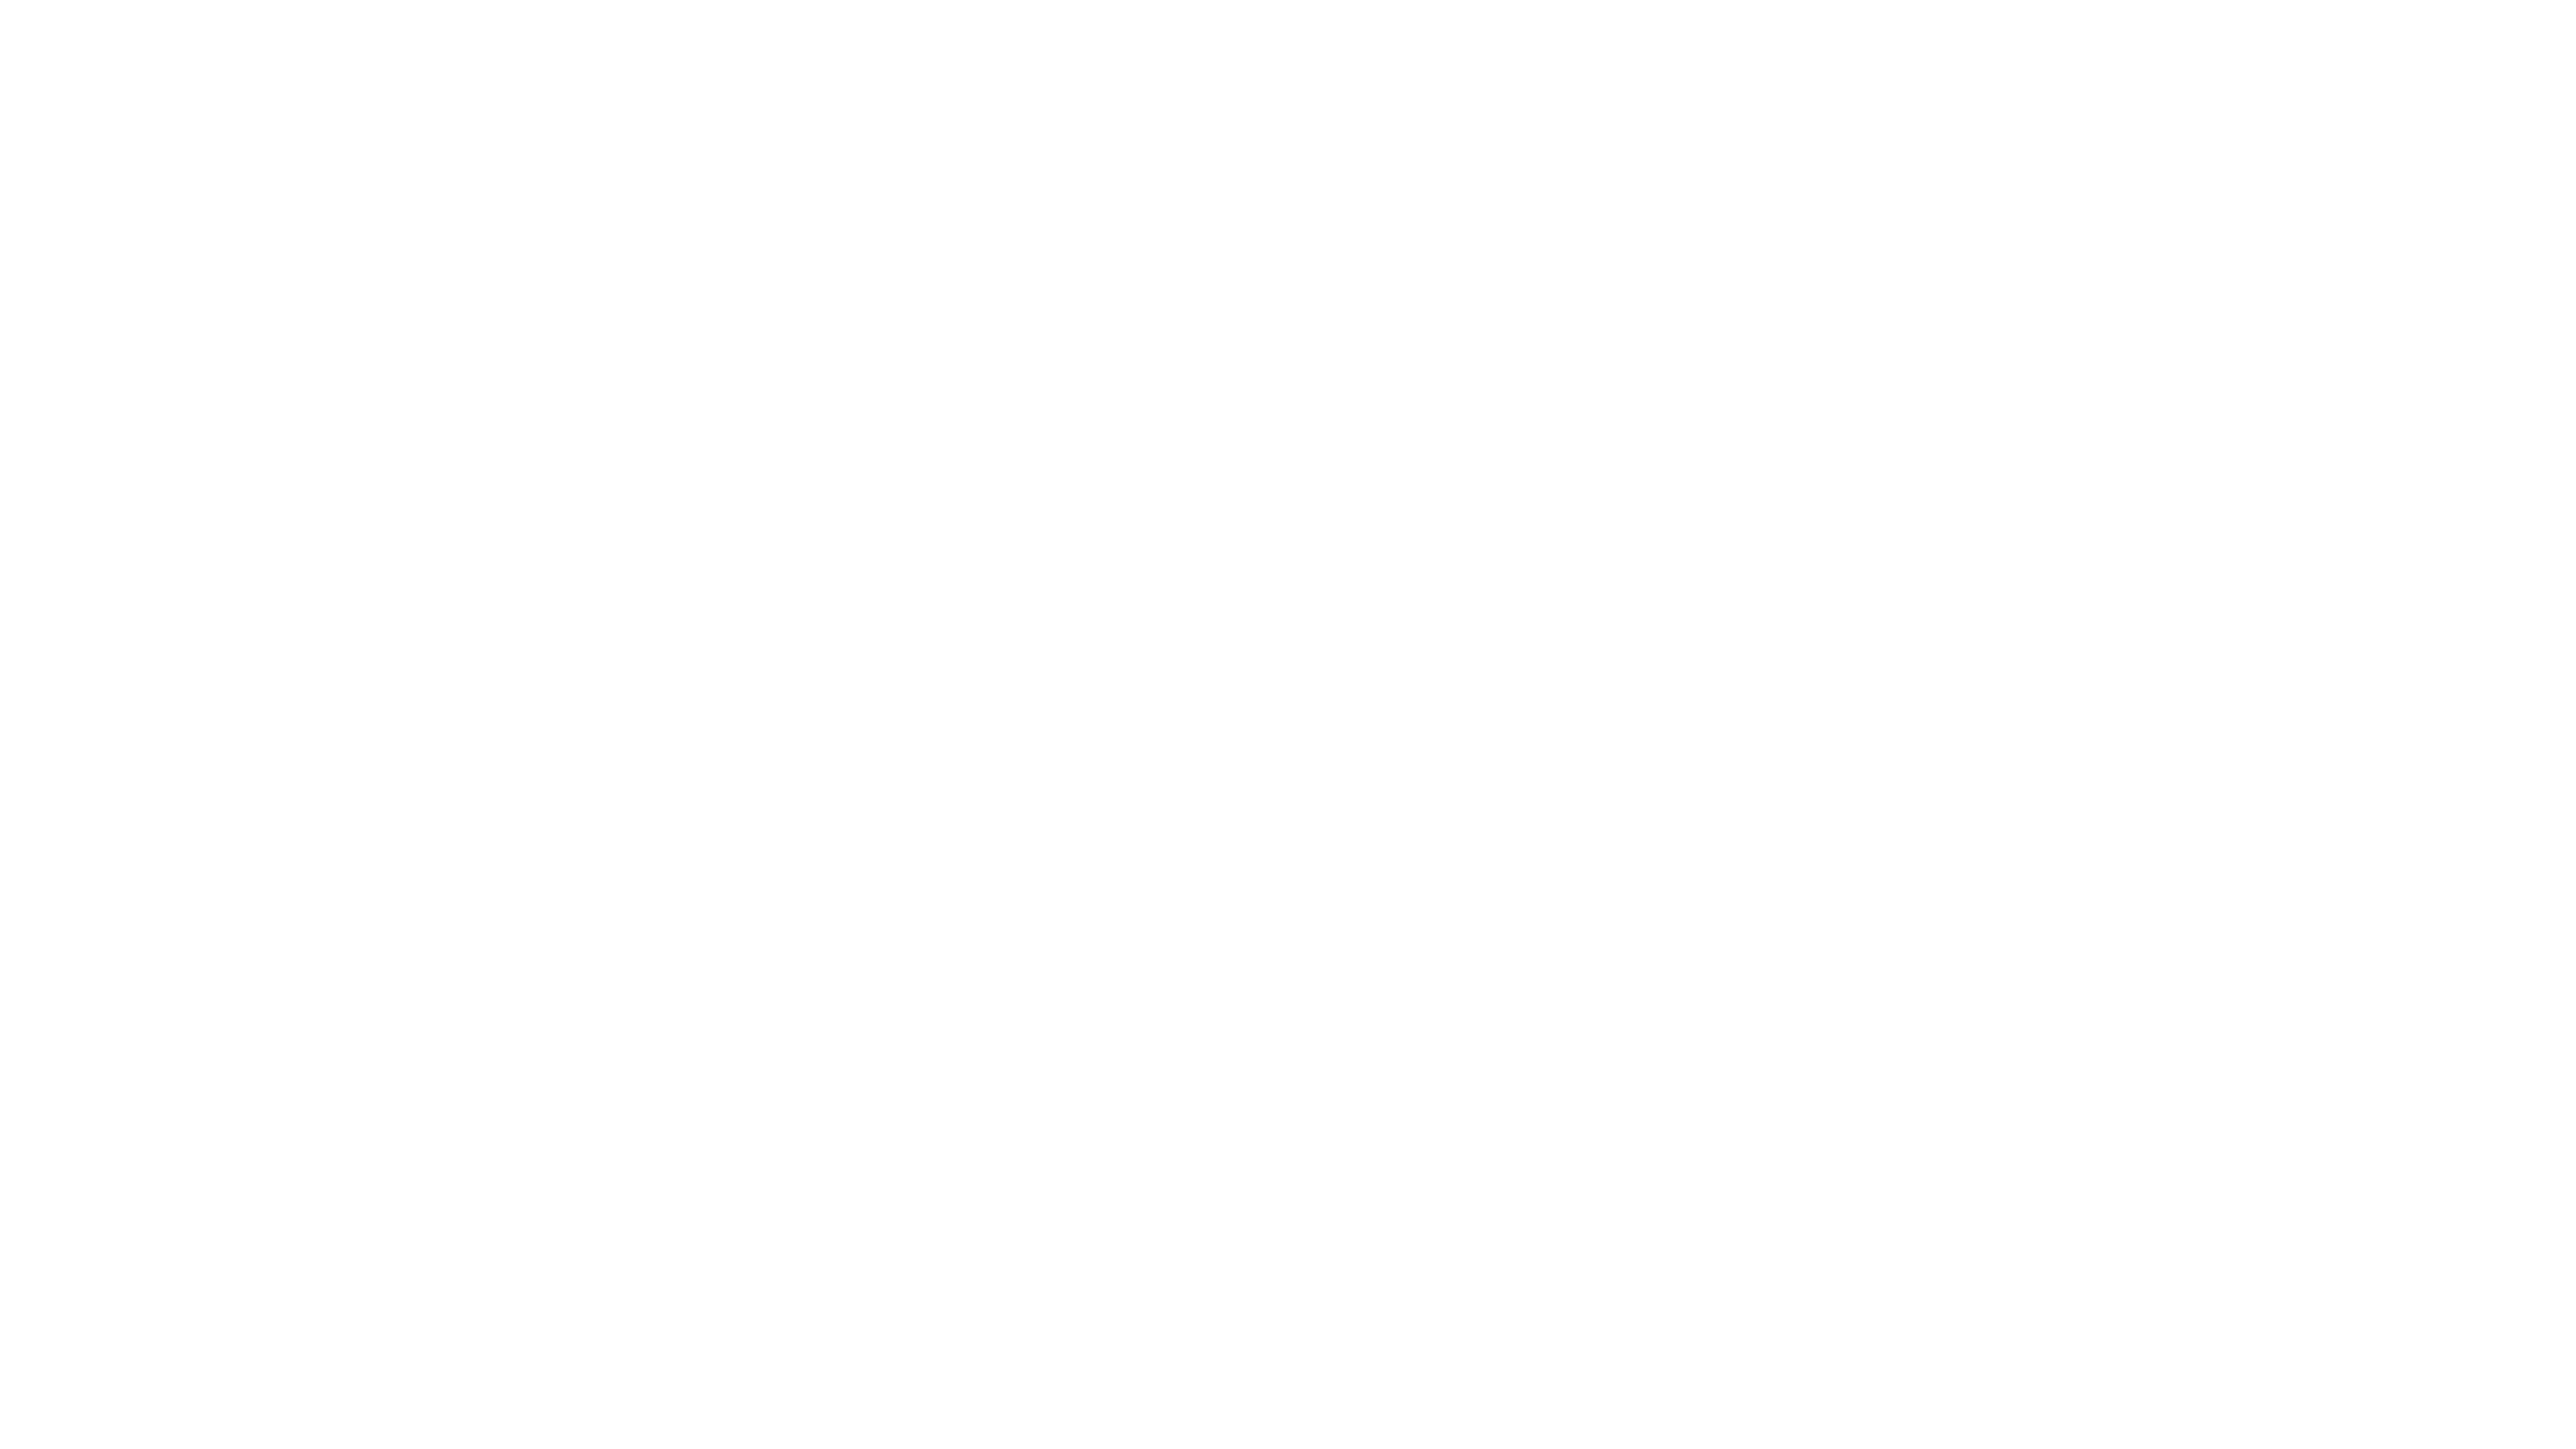 Свободное IT образование